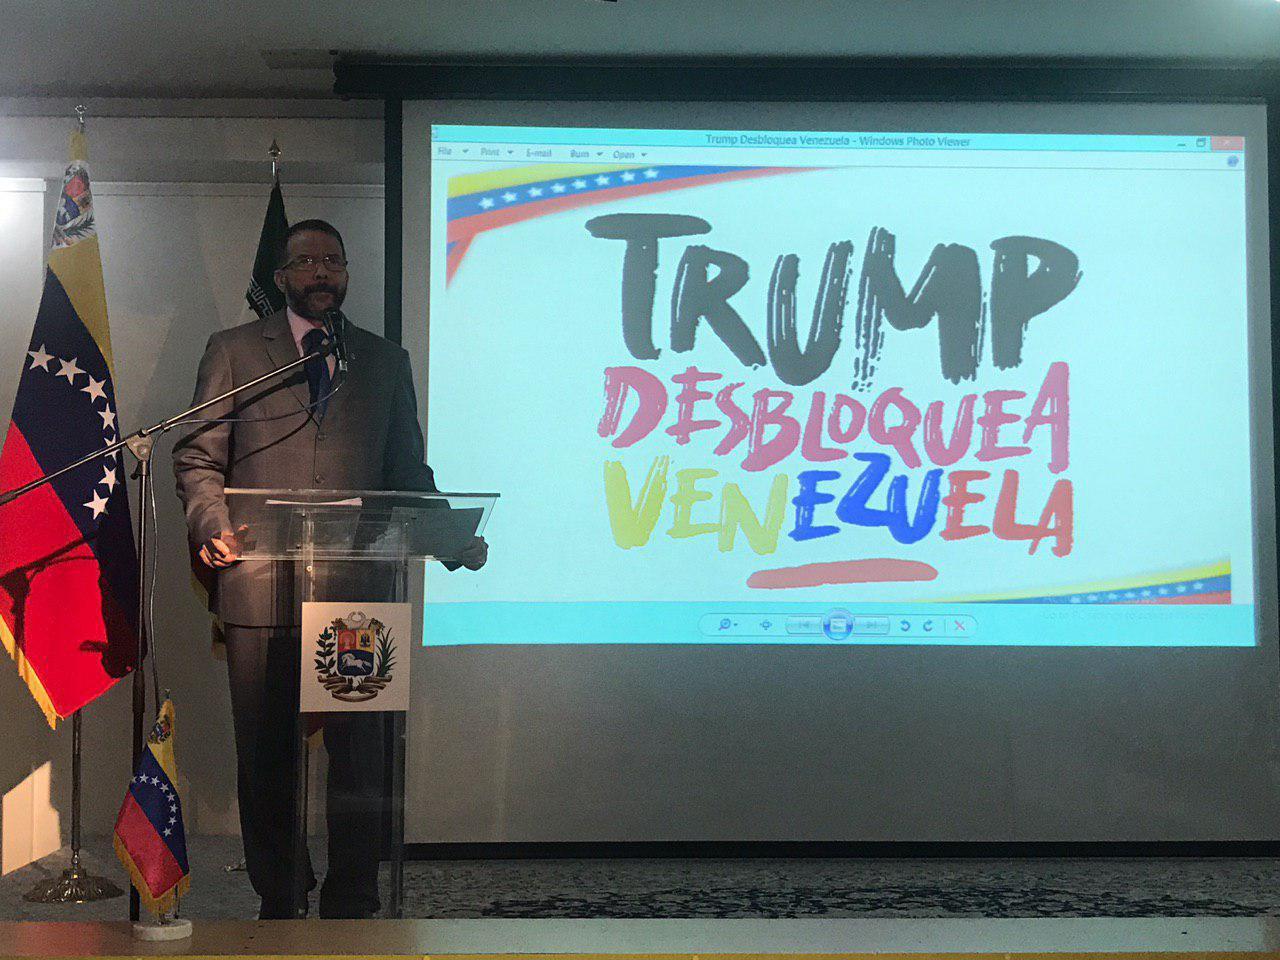 آمریکا در حال غارت داراییهای ونزوئلا است/ ترامپ قصد دارد با عوام فریبی دولت مادورو را نا کارآمد نشان دهد